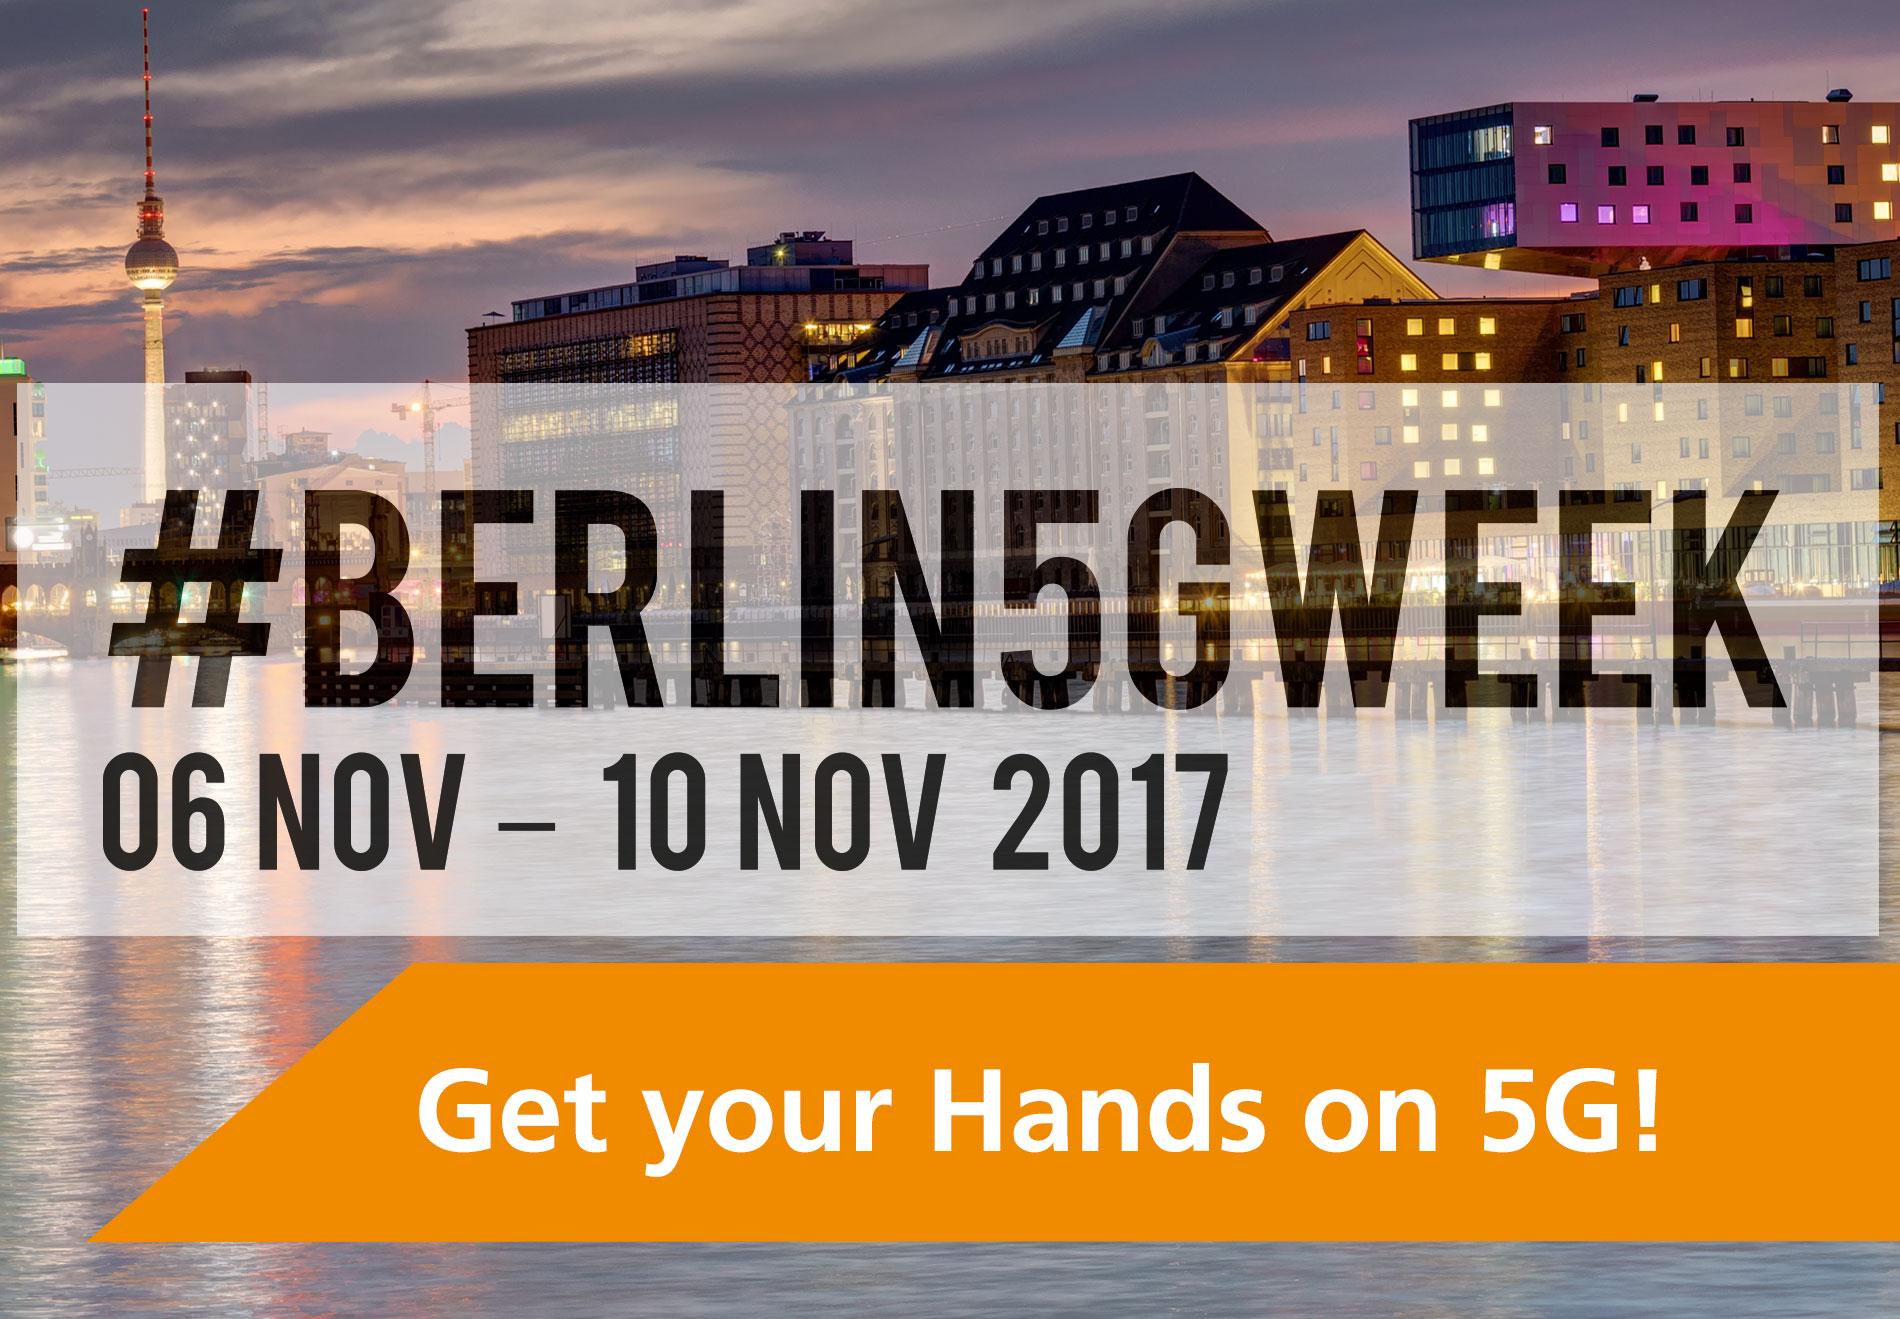 NGNI, Berlin5GWeek 2017, Berlin 5G Week, Event, Banner